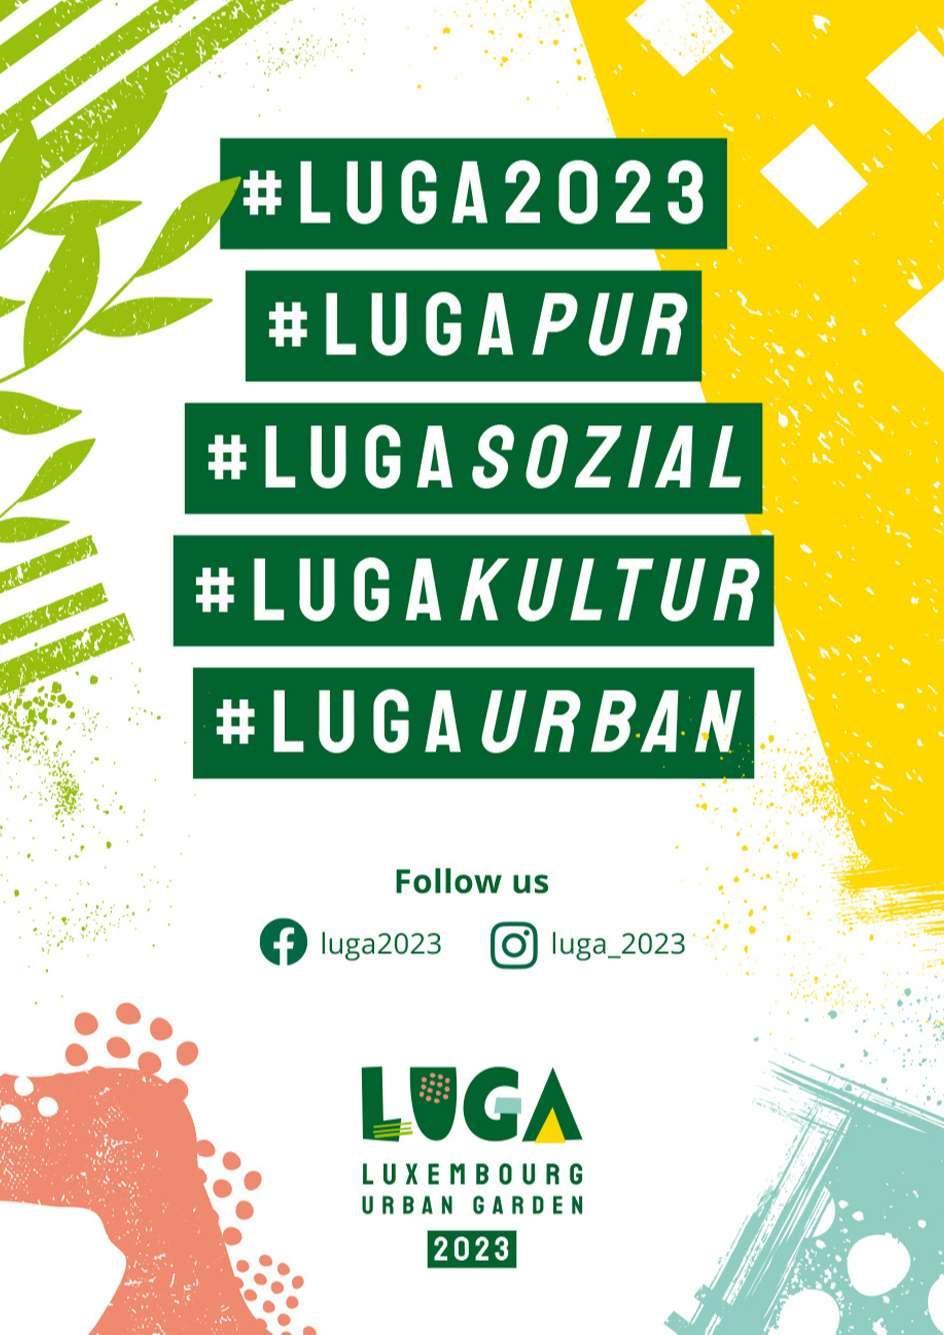 Affiche de teasing pour annoncer l'exposition horticole. L'identité visuelle de la LUGA a été construite sur le concept de la jungle urbaine